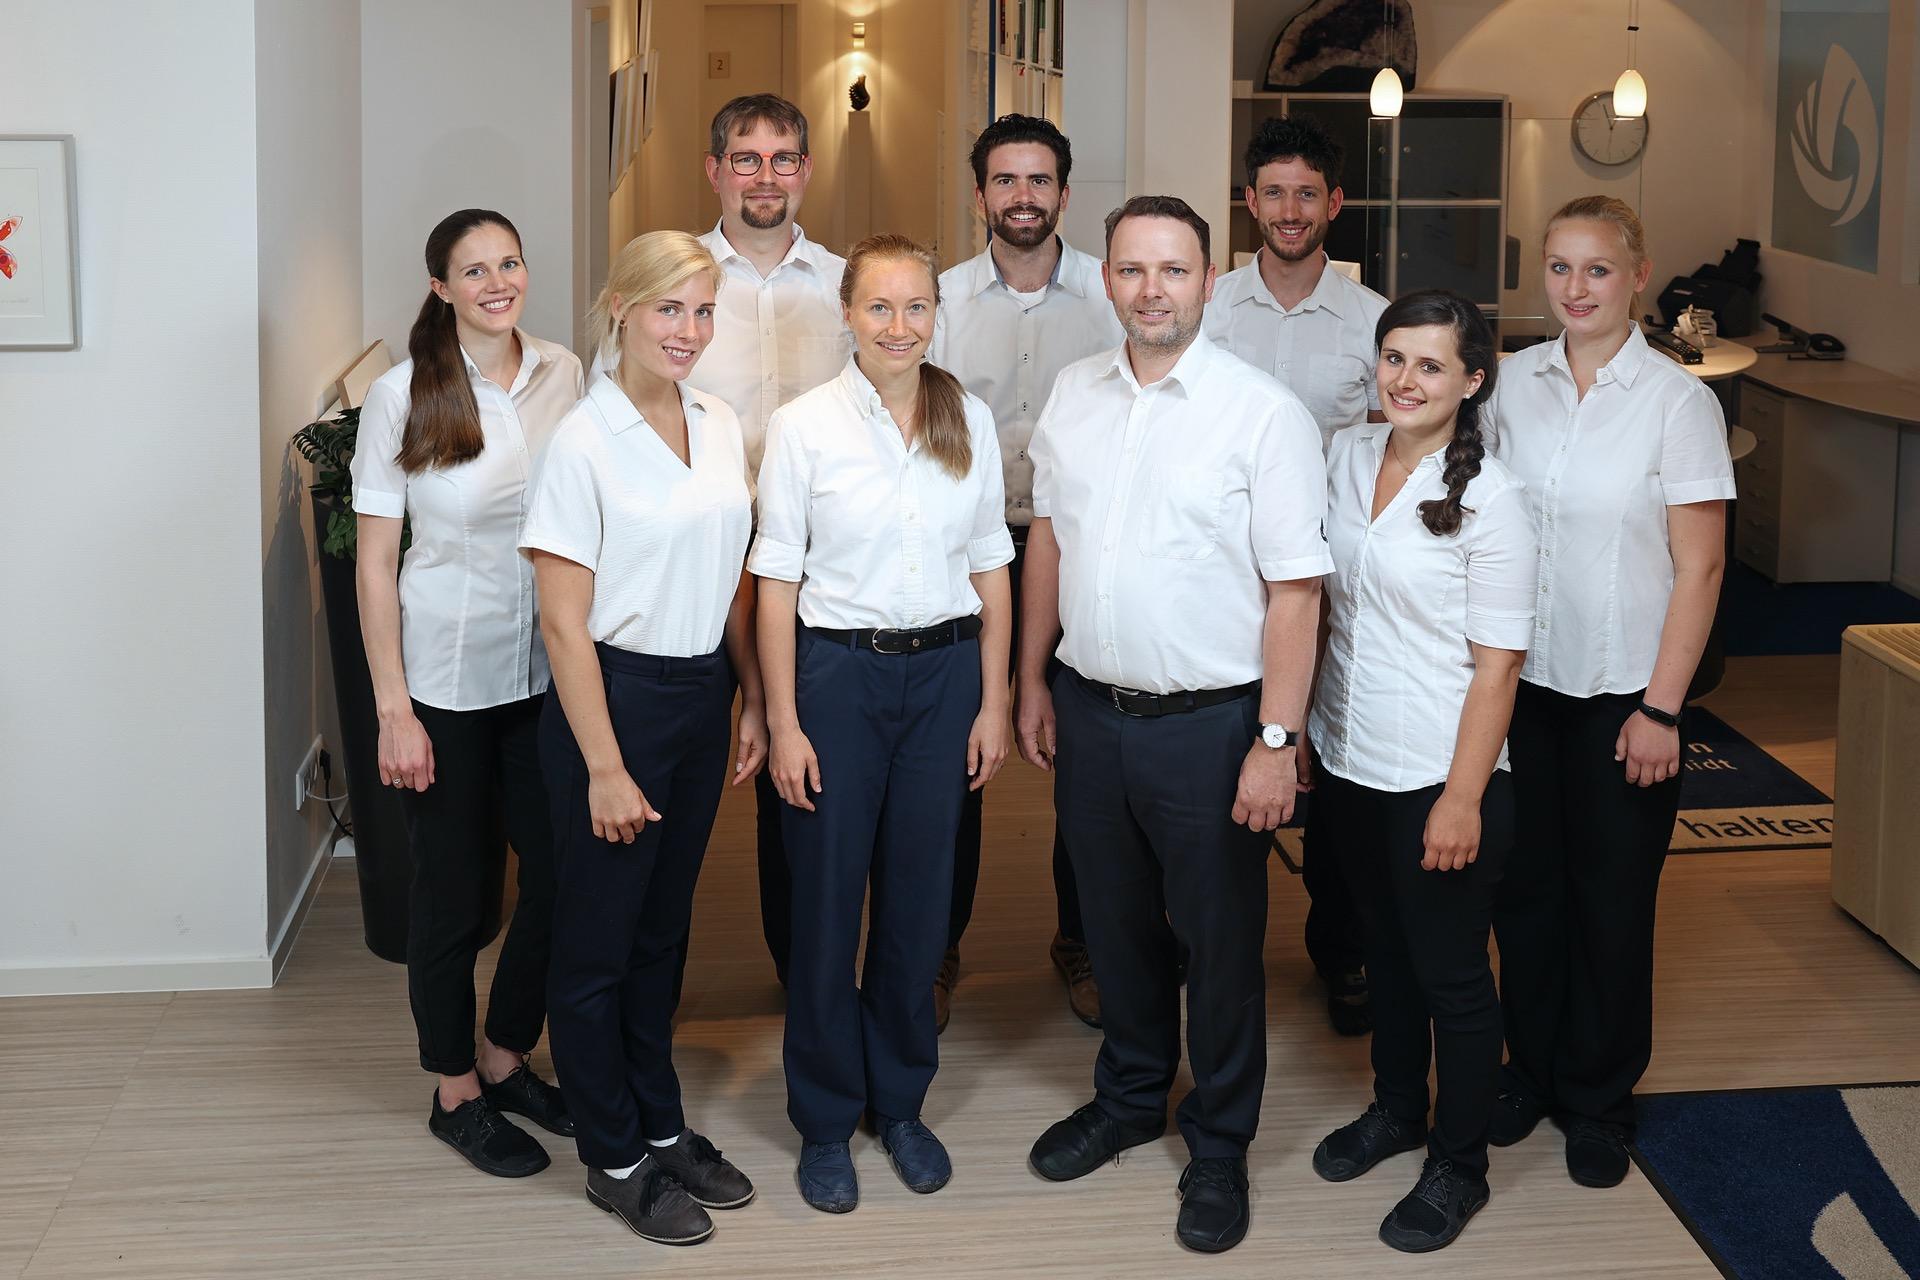 Chiropraktoren Team Braunschweig